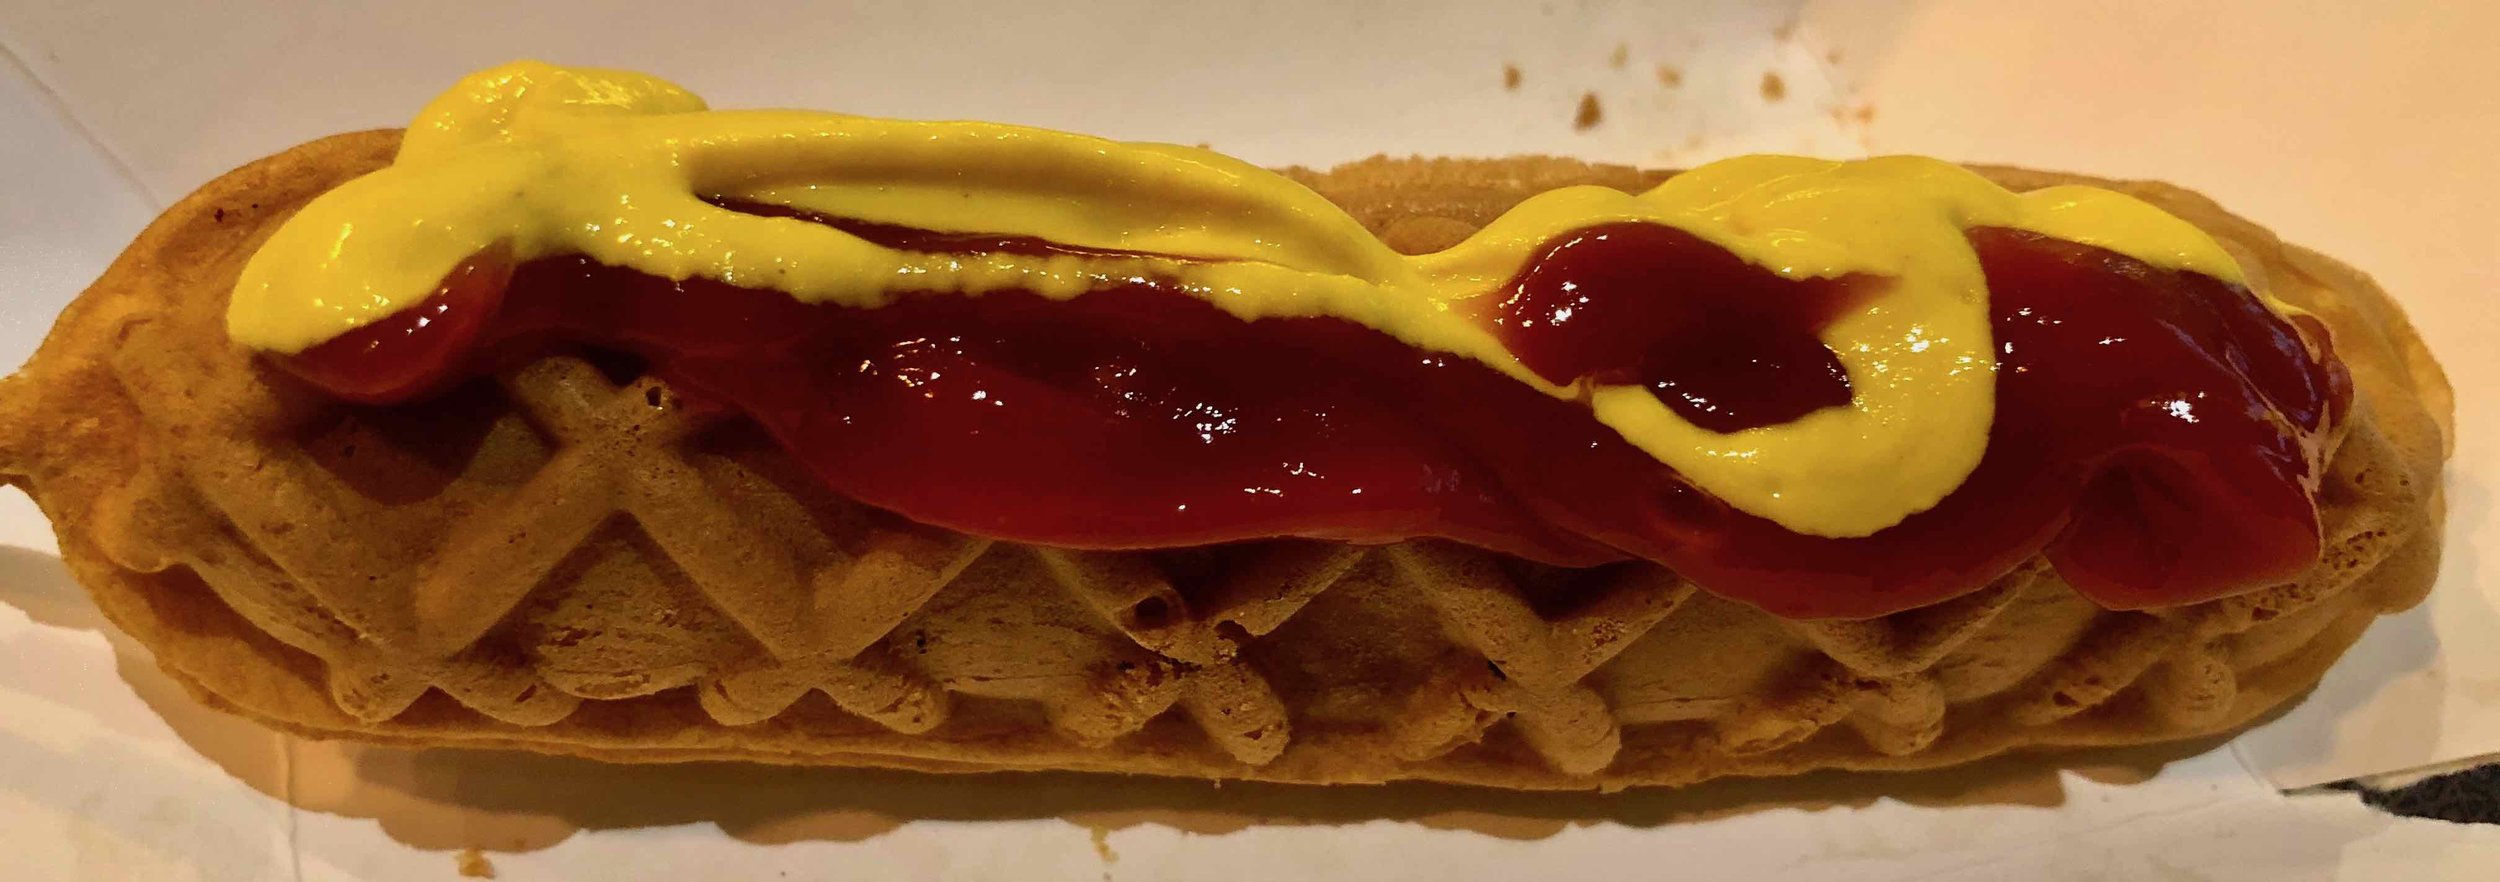 waffle dog with ketchup and mustard